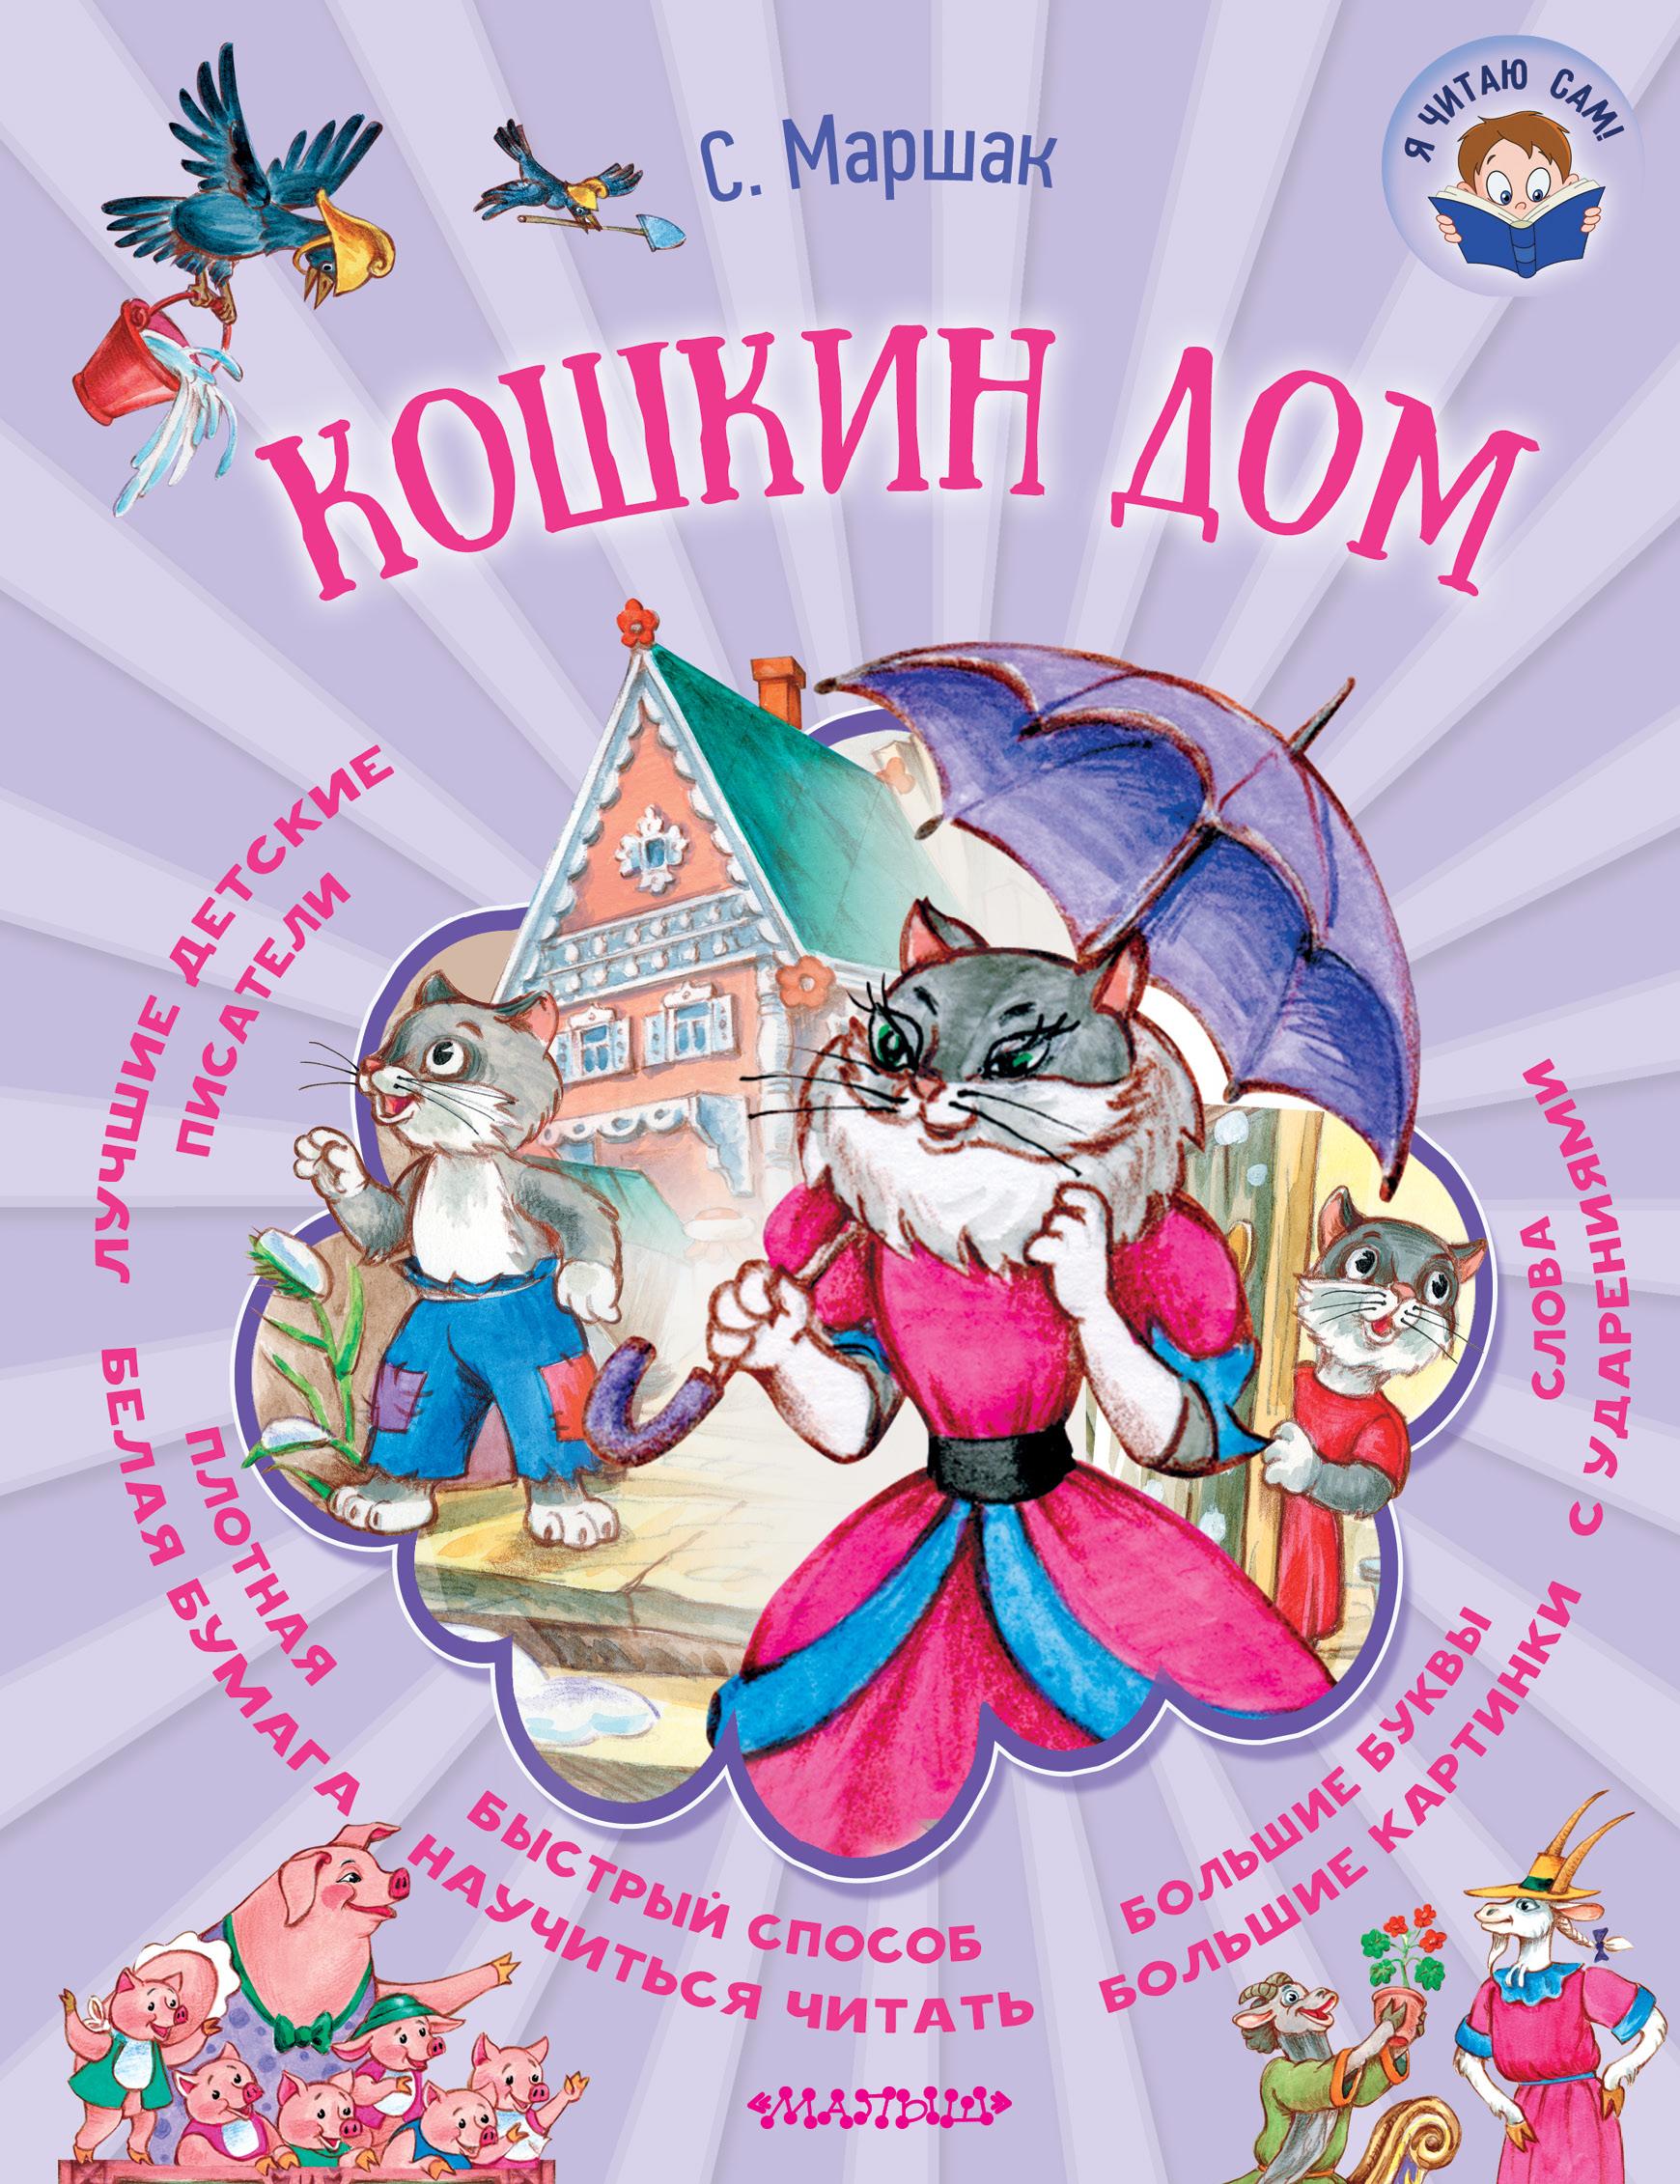 Книжка в картинках кошкин дом маршака